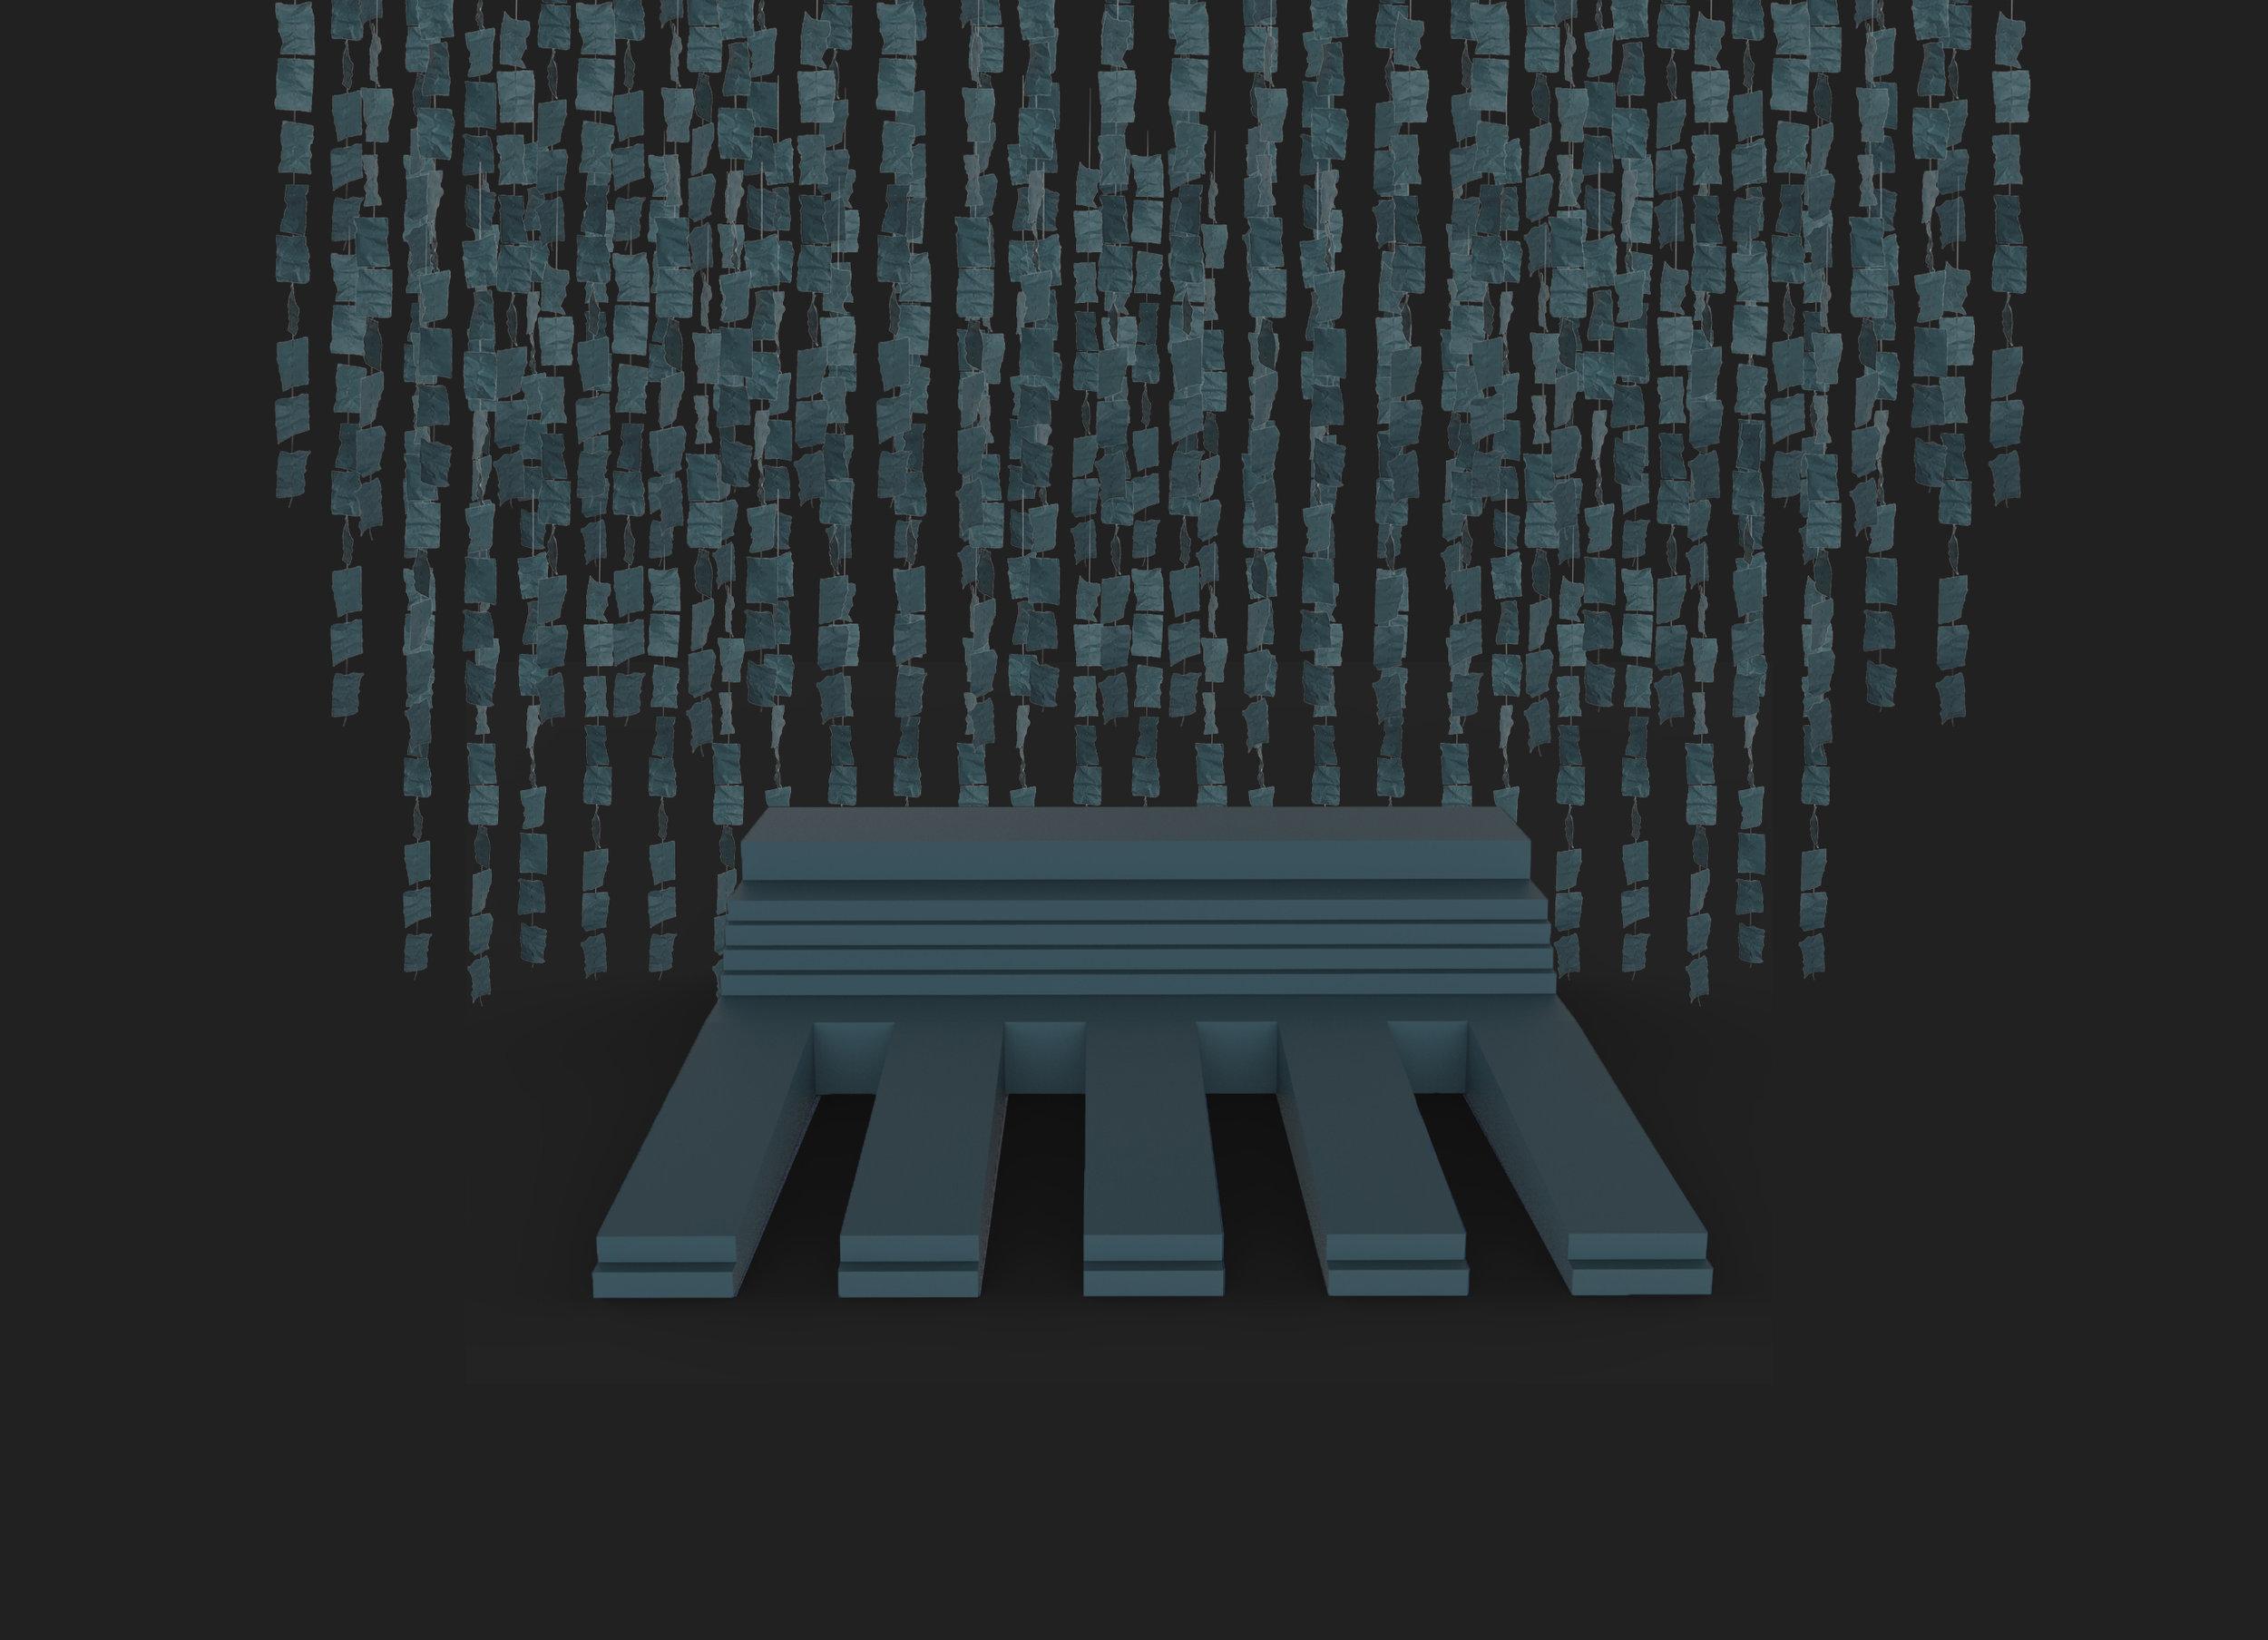 final design- open curtain